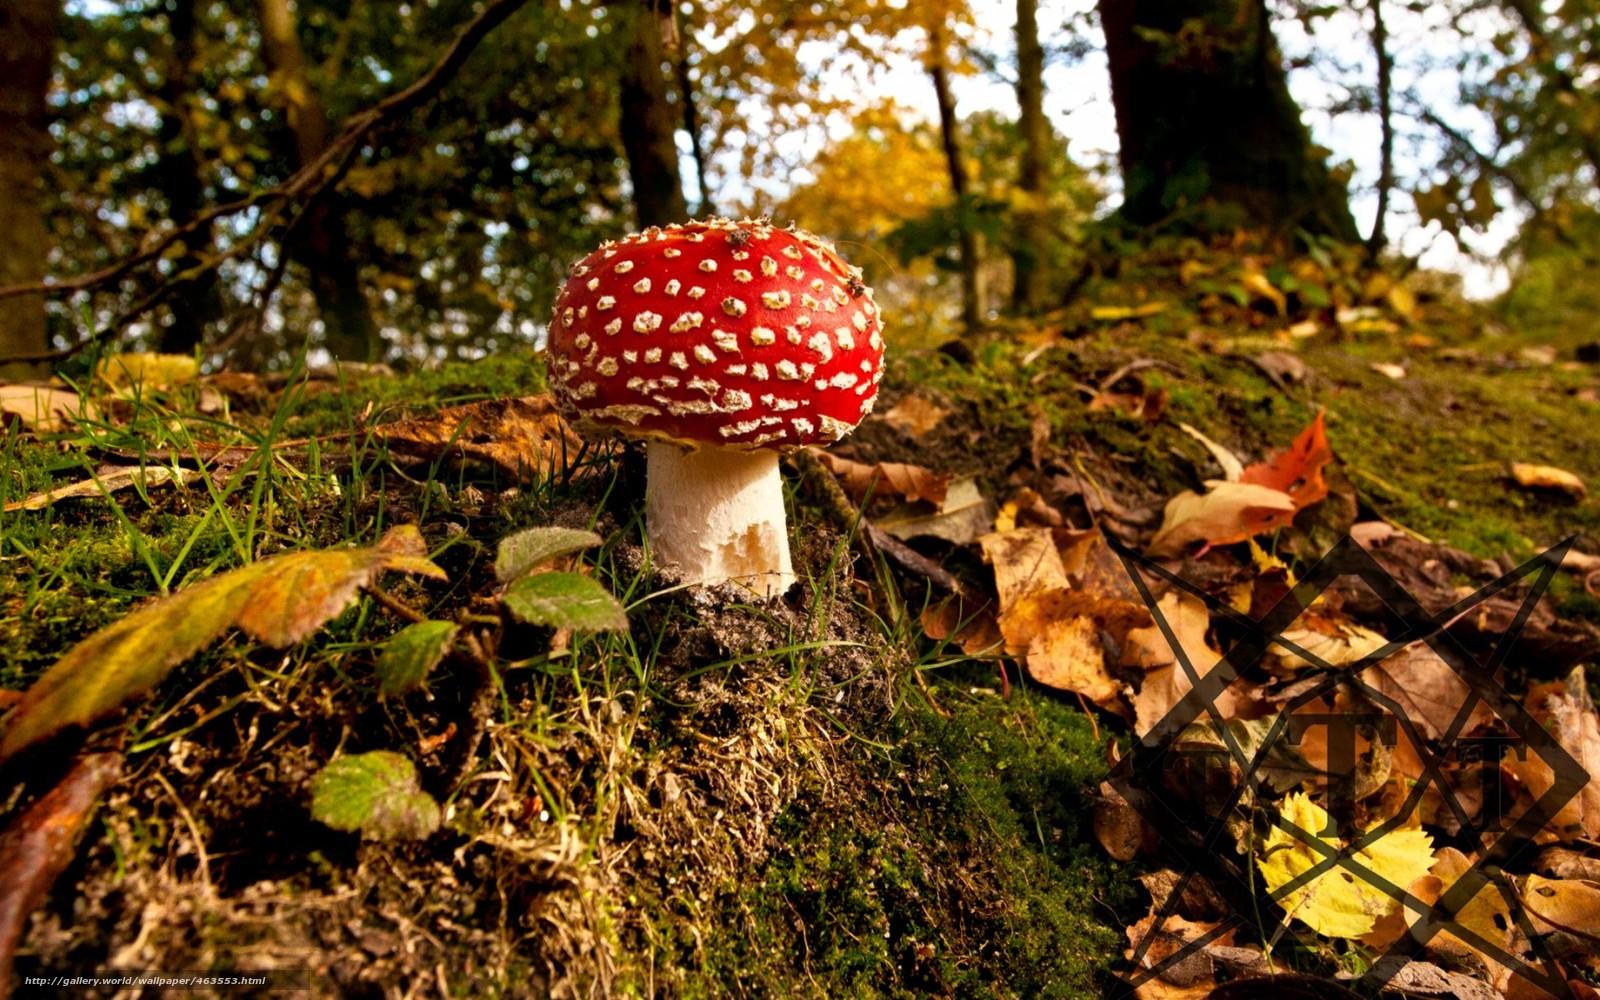 Scaricare gli sfondi autunno foresta fungo amanita for Autunno sfondi desktop